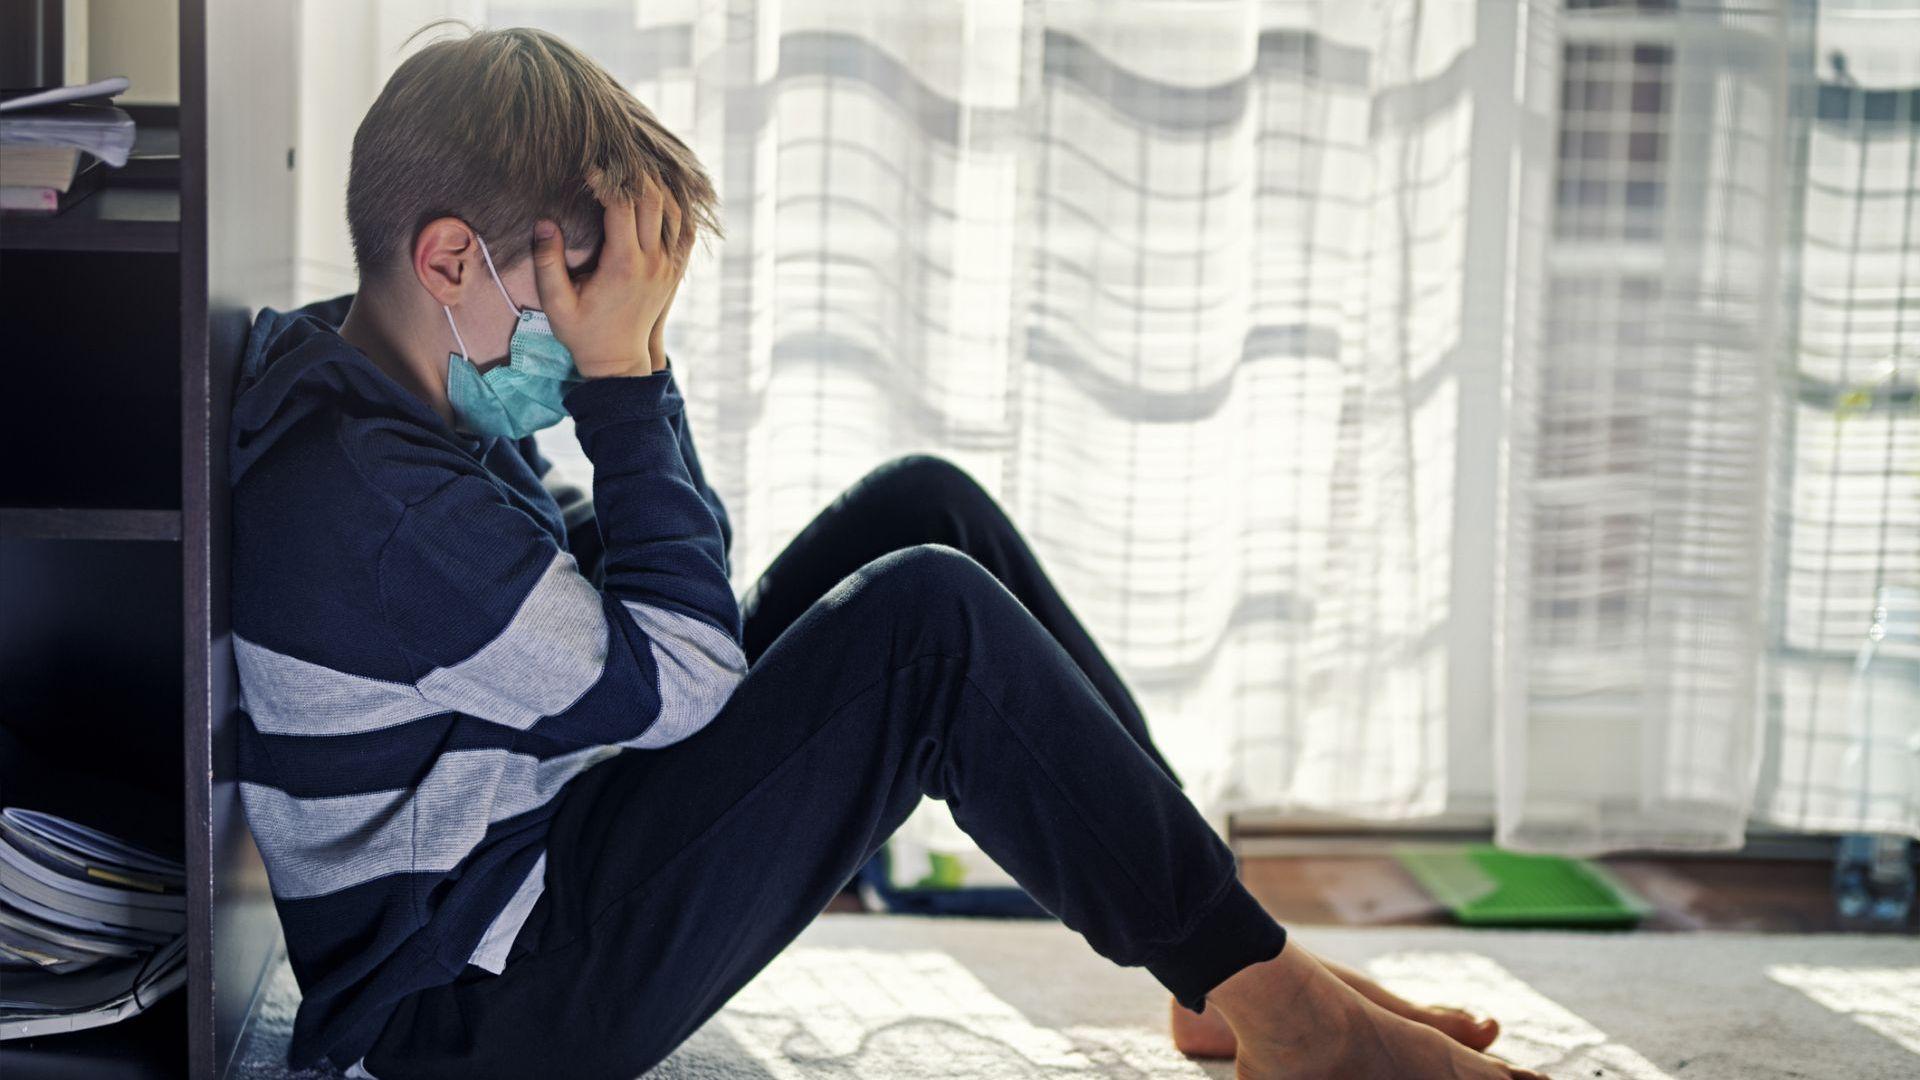 Самоизолацията и дистанционното обучение са причина за депресия при всеки трети ученик